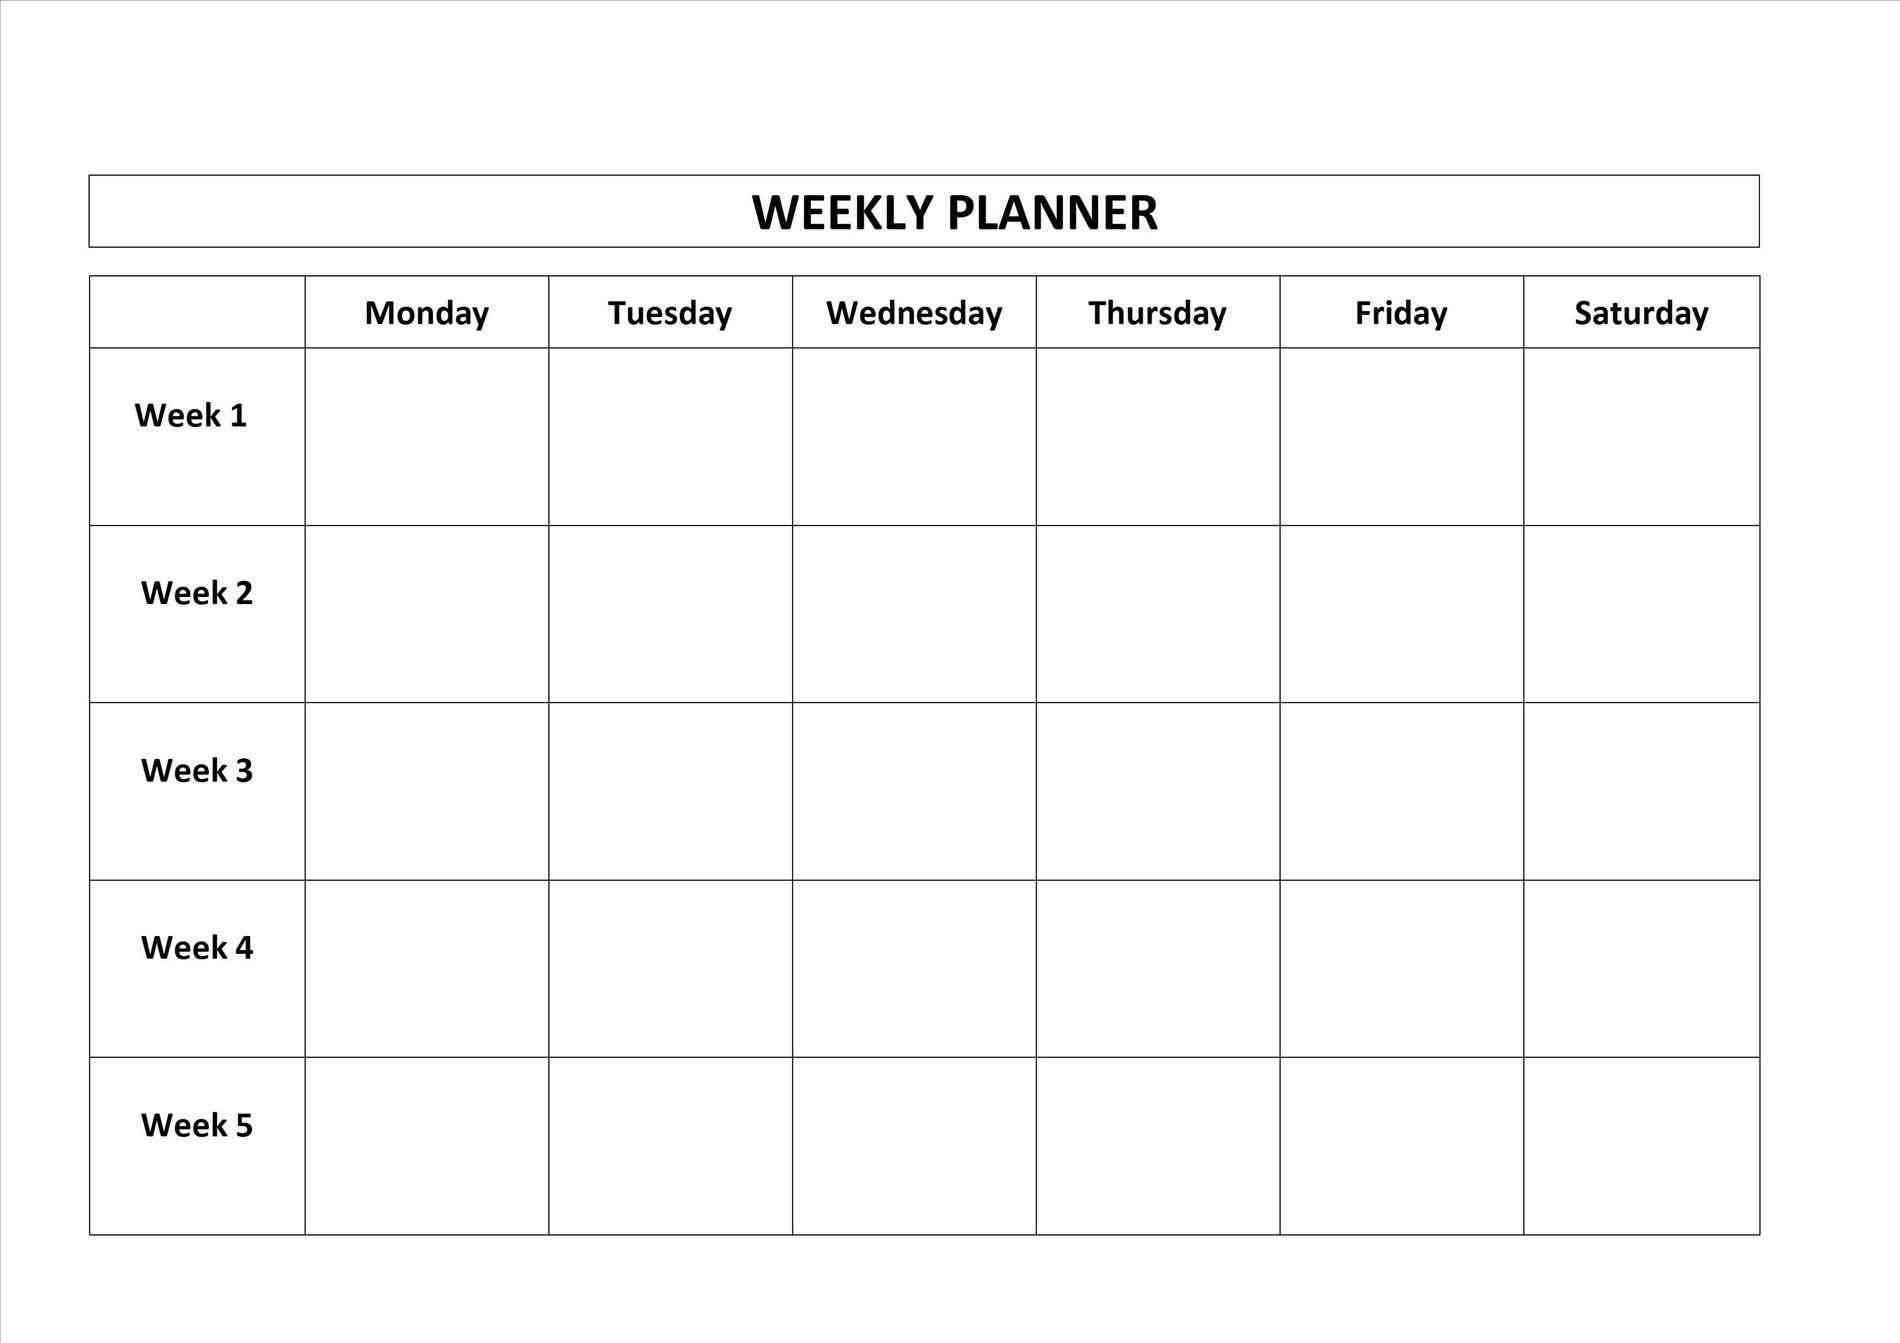 Monday Through Friday Blank Calendar Template – Calendar Calendar Template Monday To Friday